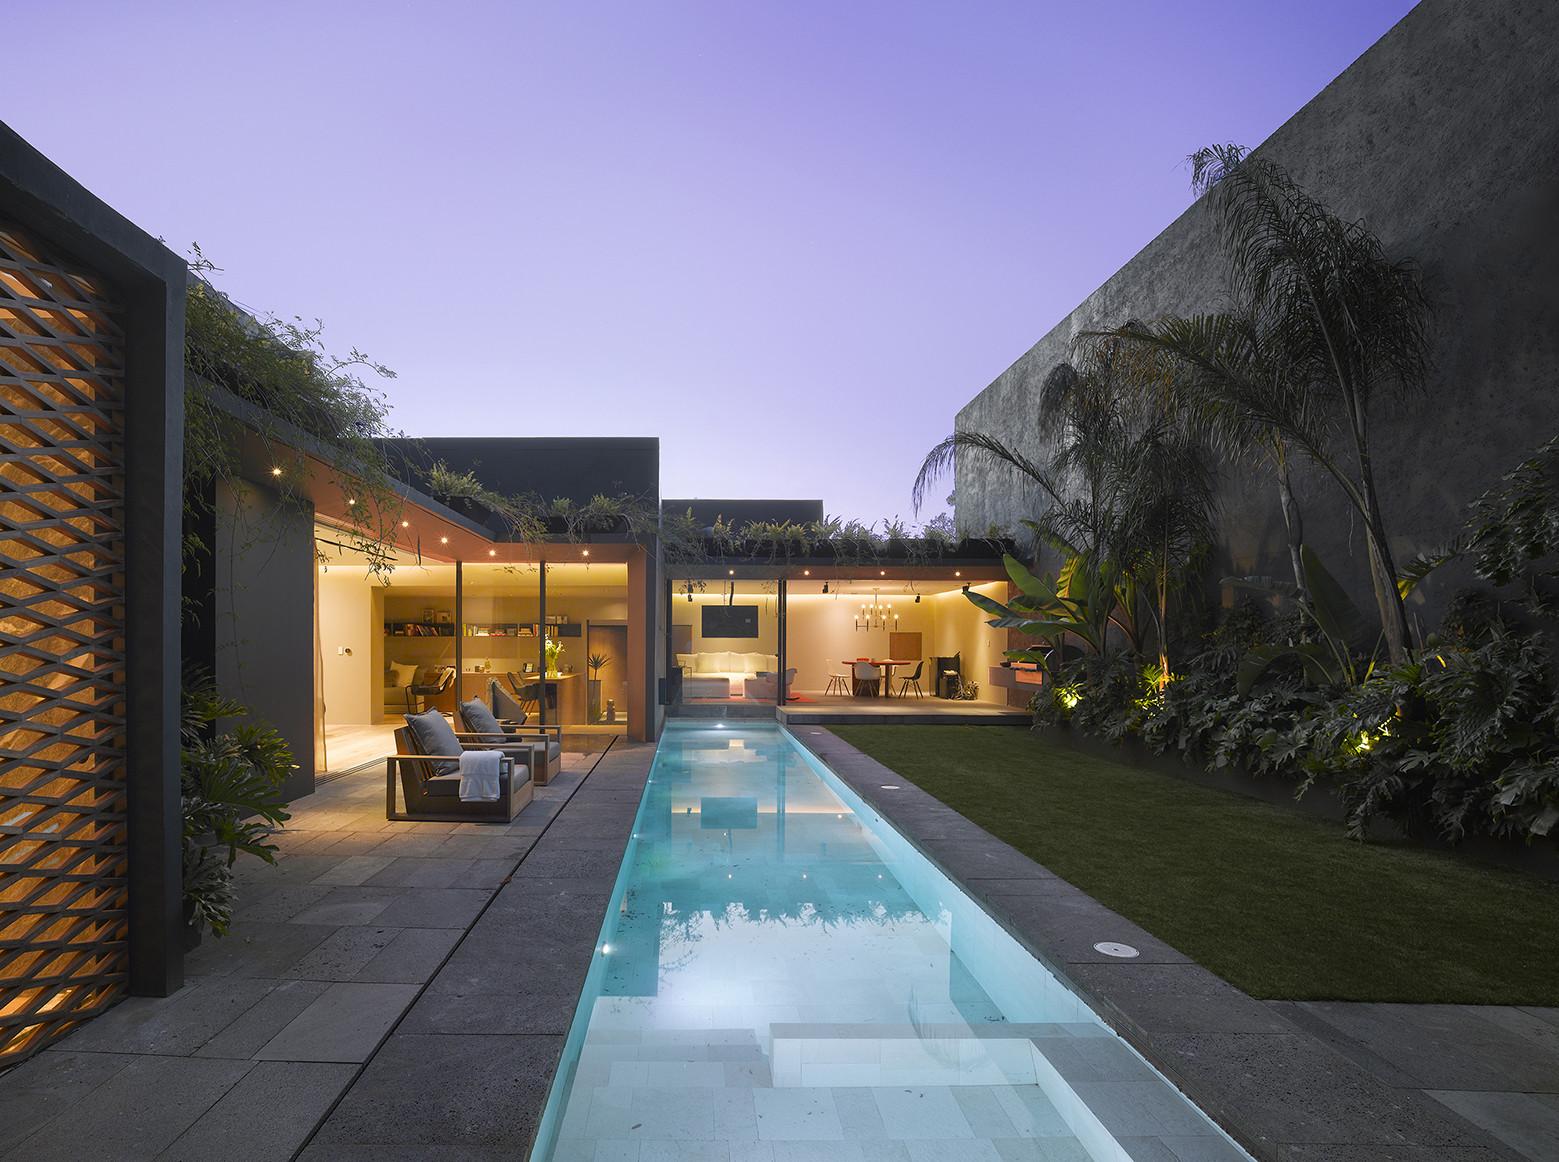 Casa Barrancas / EZEQUIELFARCA arquitectura y diseño, © Roland Halbe